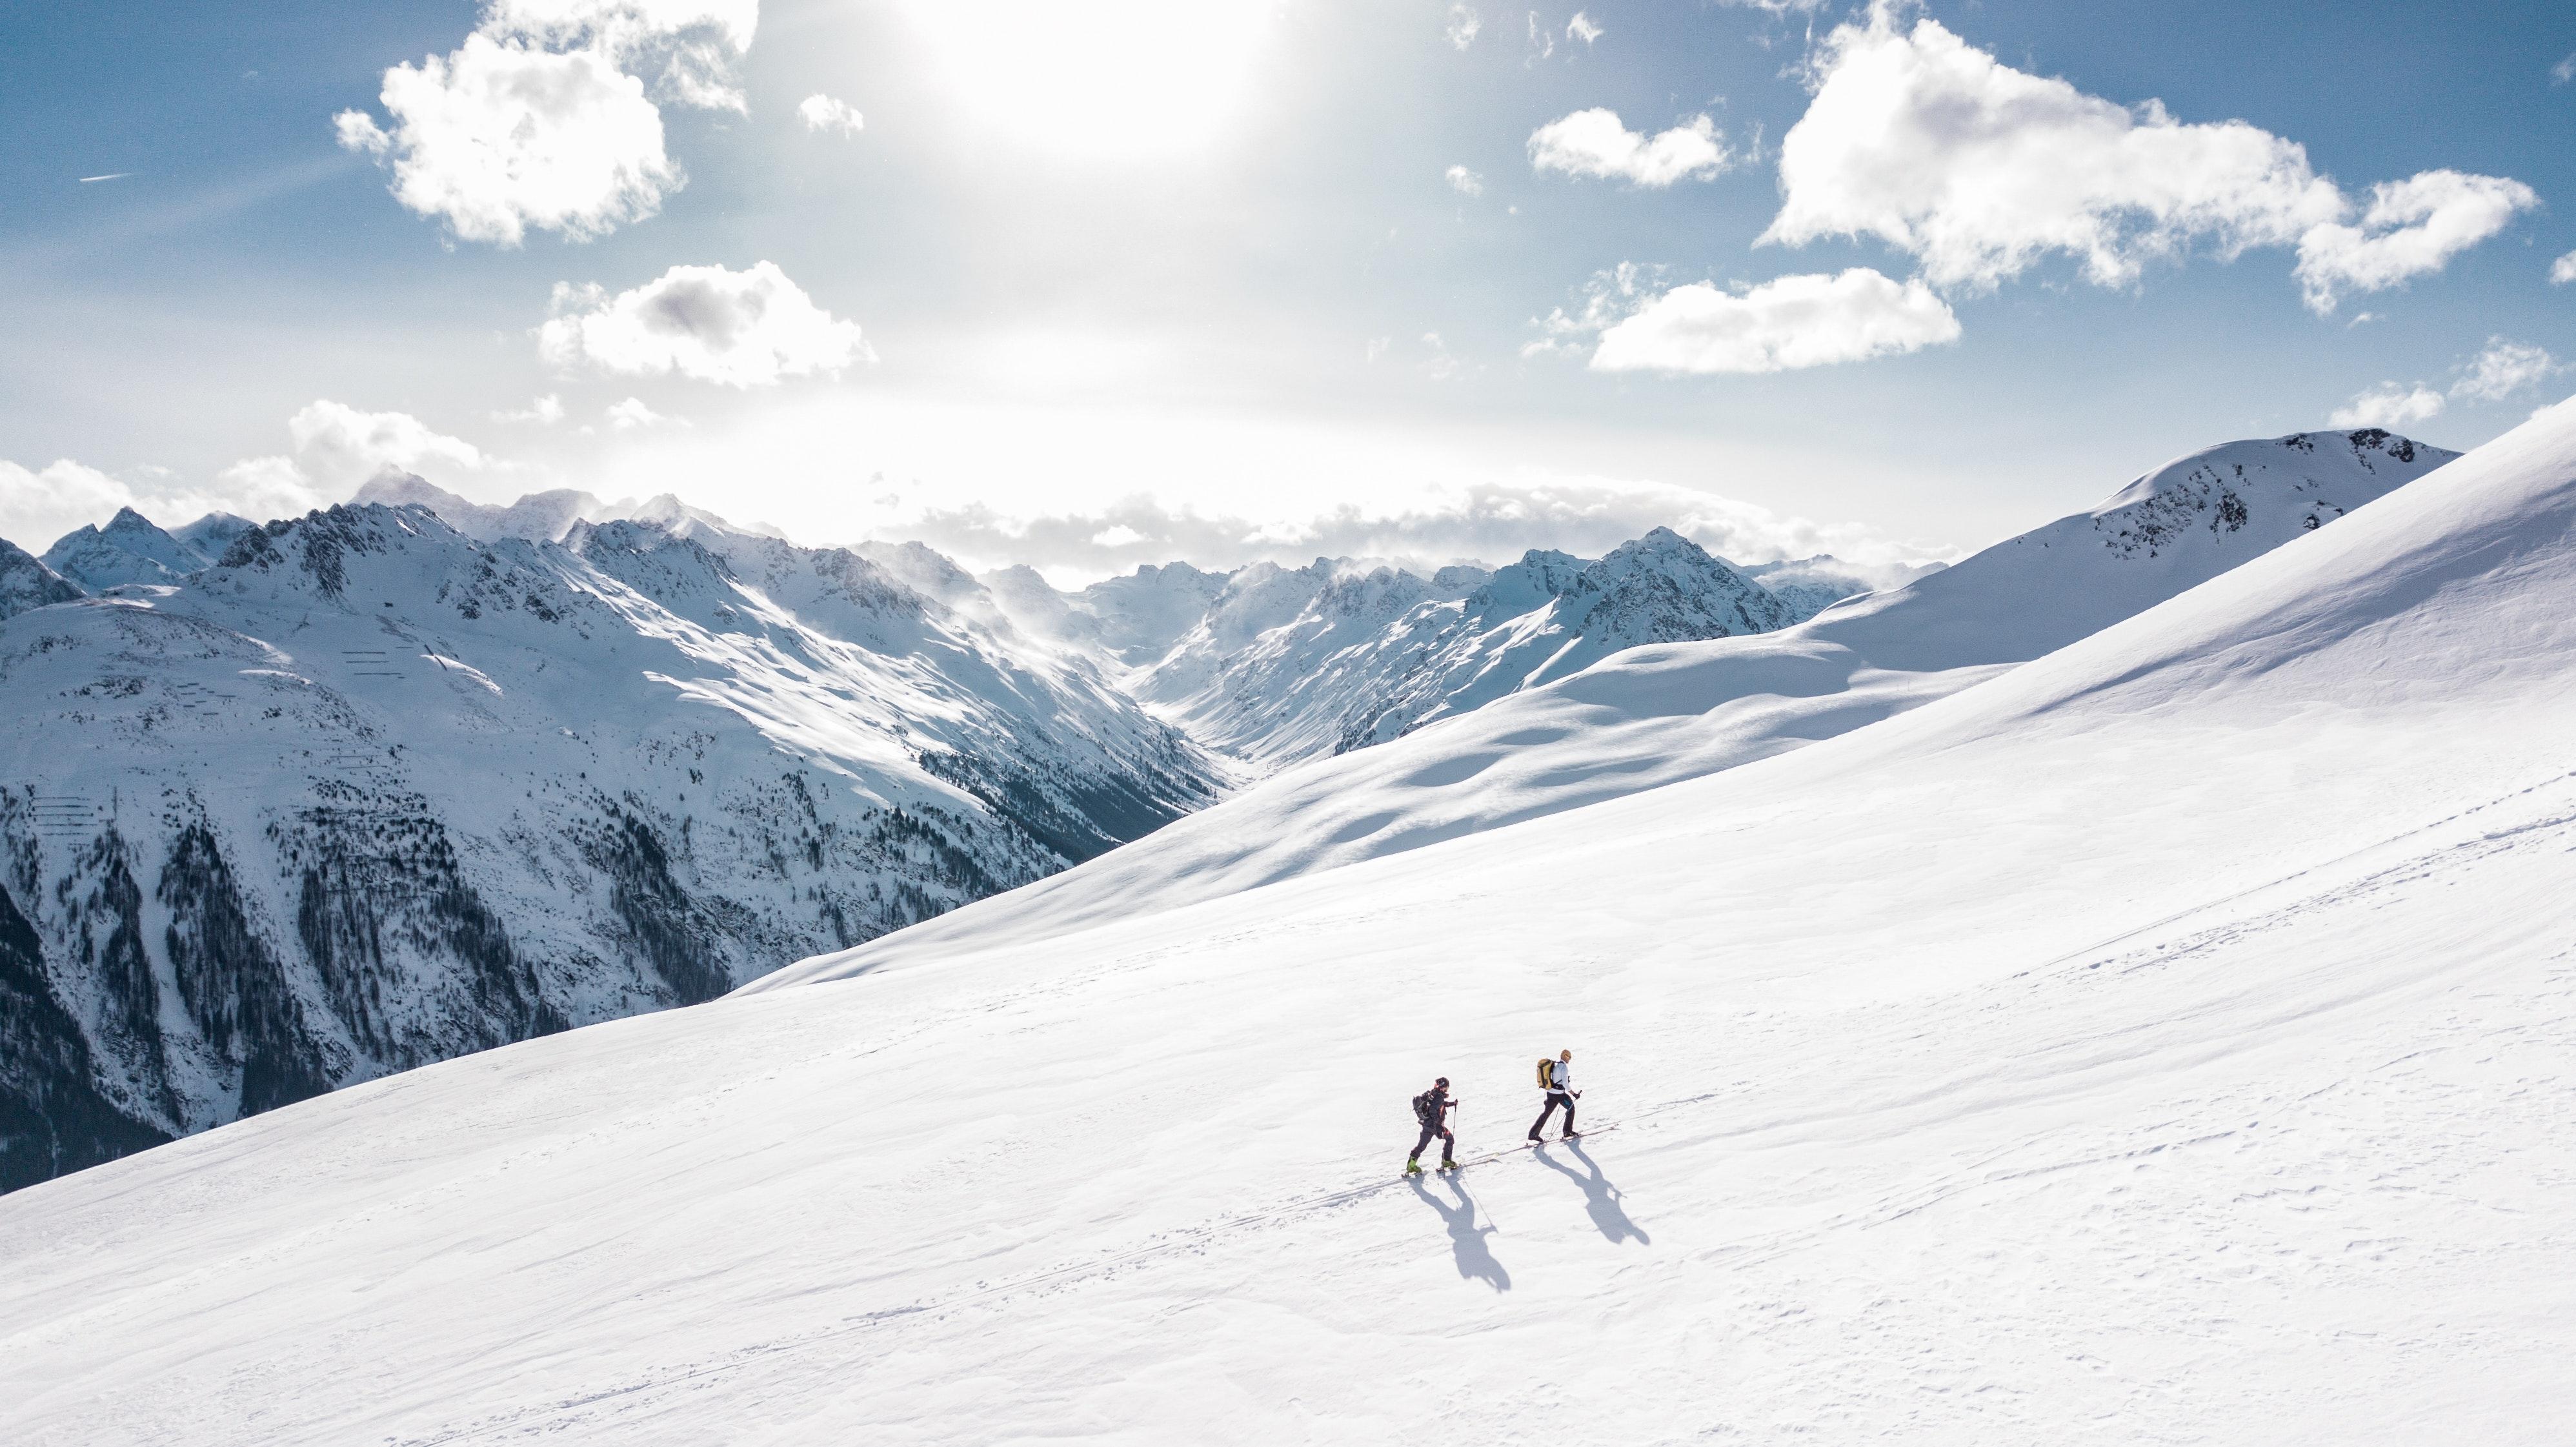 Two man hiking on snow mountain photo